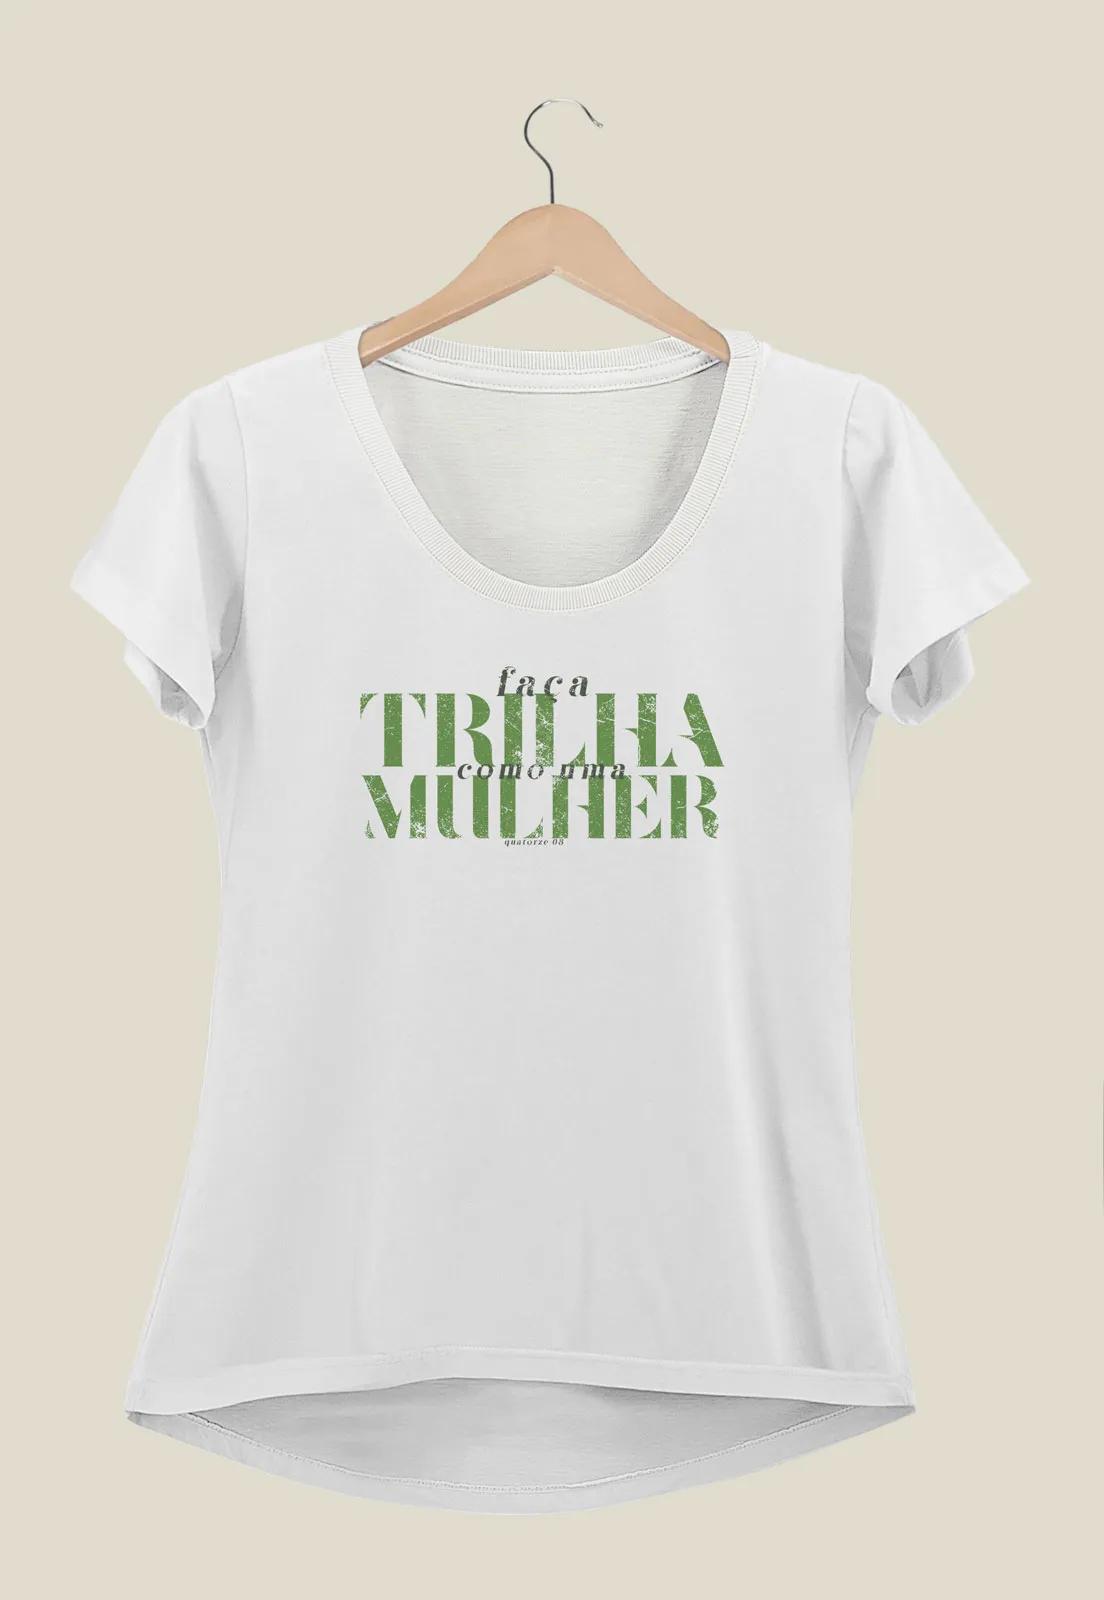 Camiseta Feminina Faça Trilha Branca